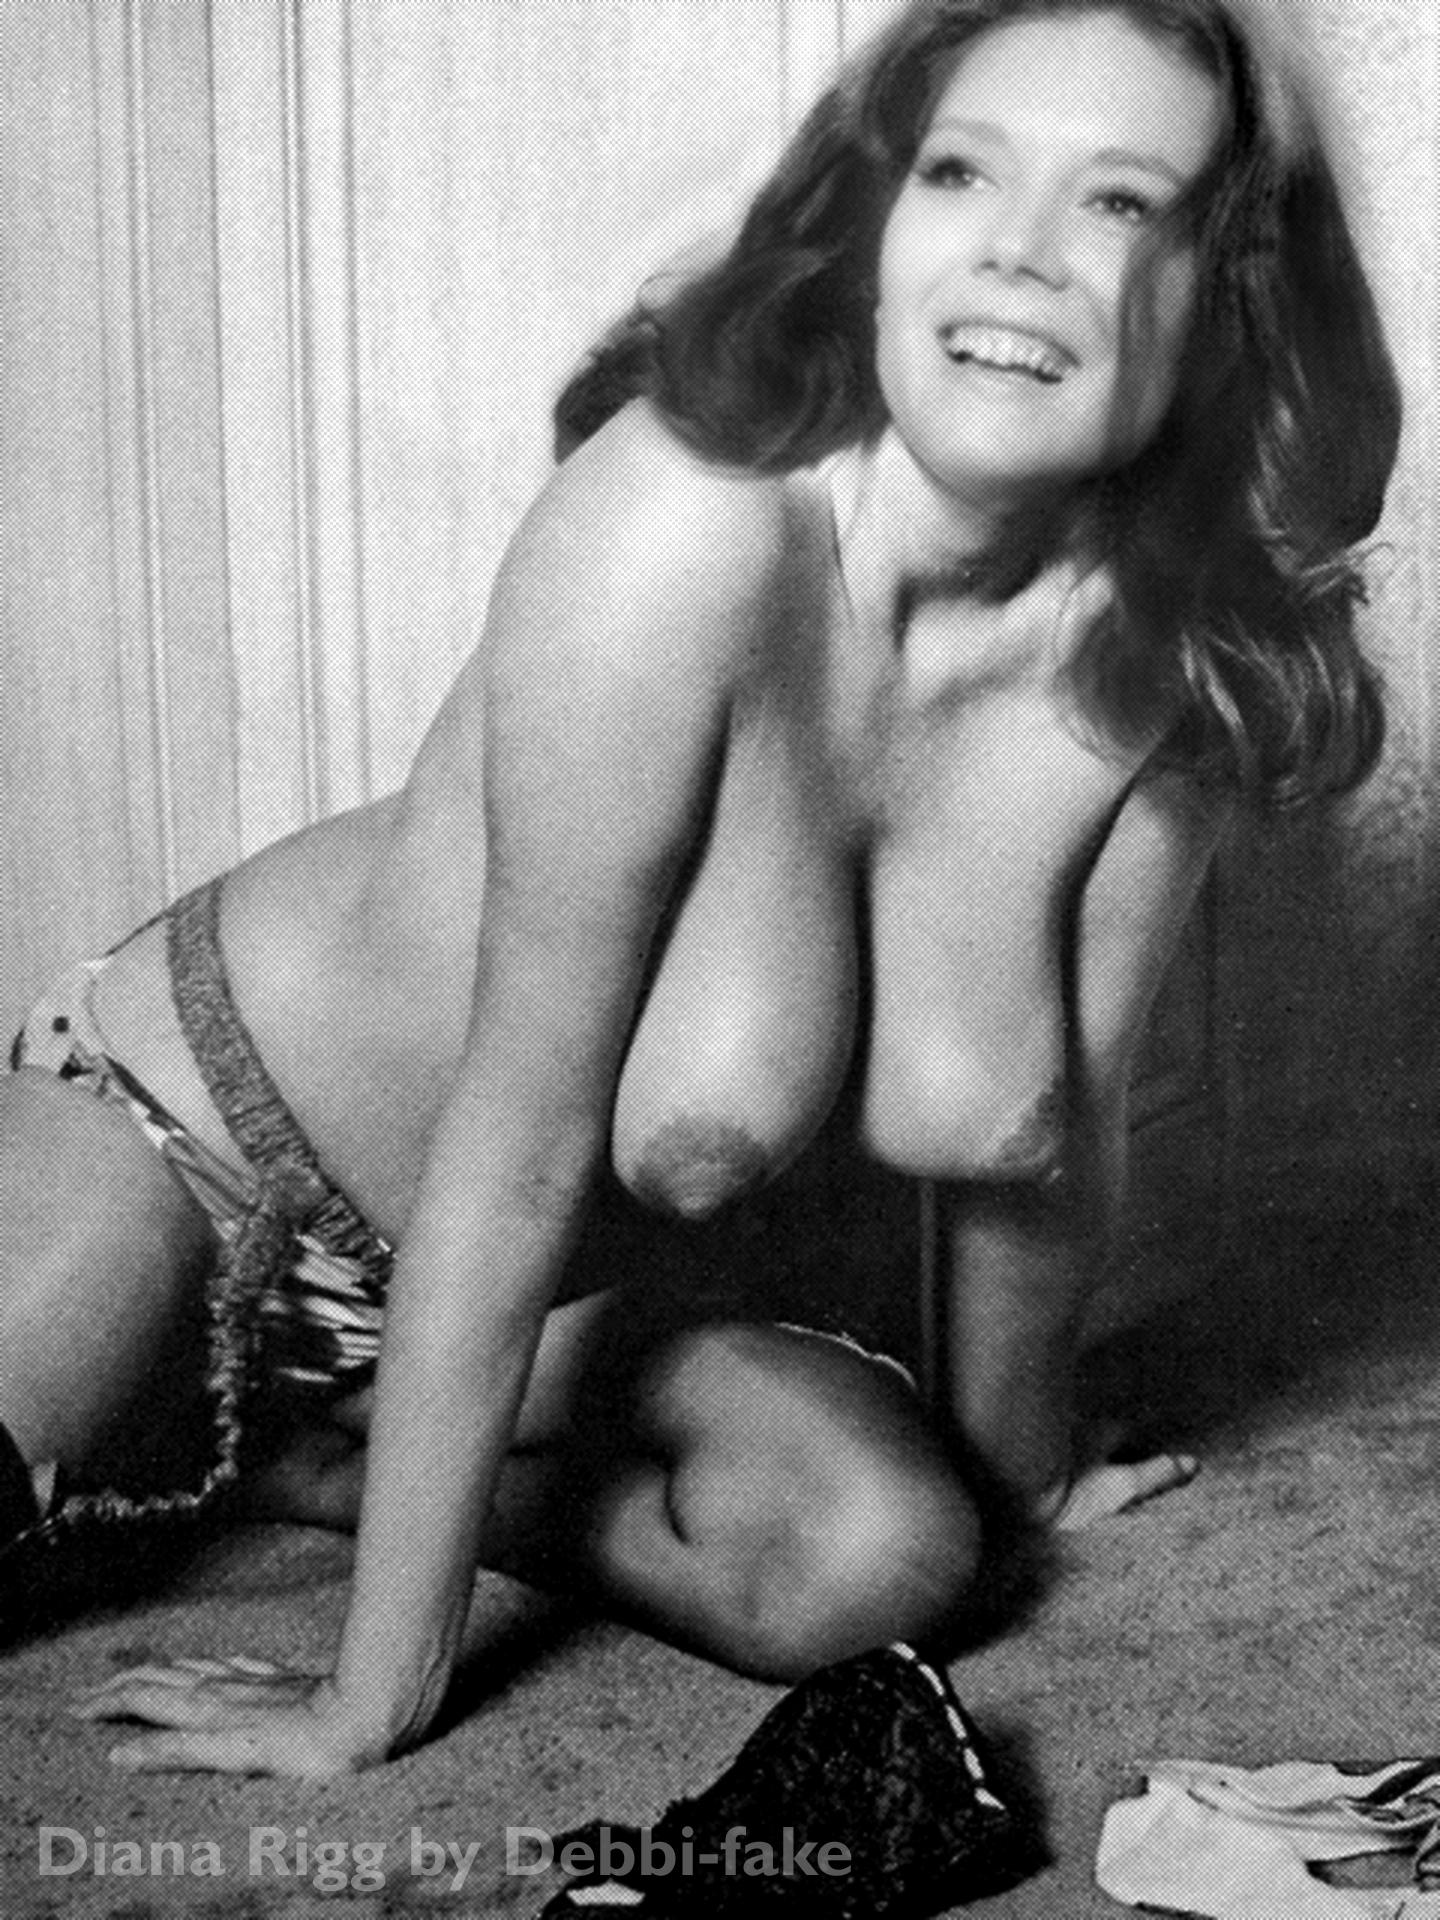 Diana Rigg No Source Celebrity Posing Hot Babe Brown Hair Celebrity Nude Posing Hot Cute Nude Scene Hot